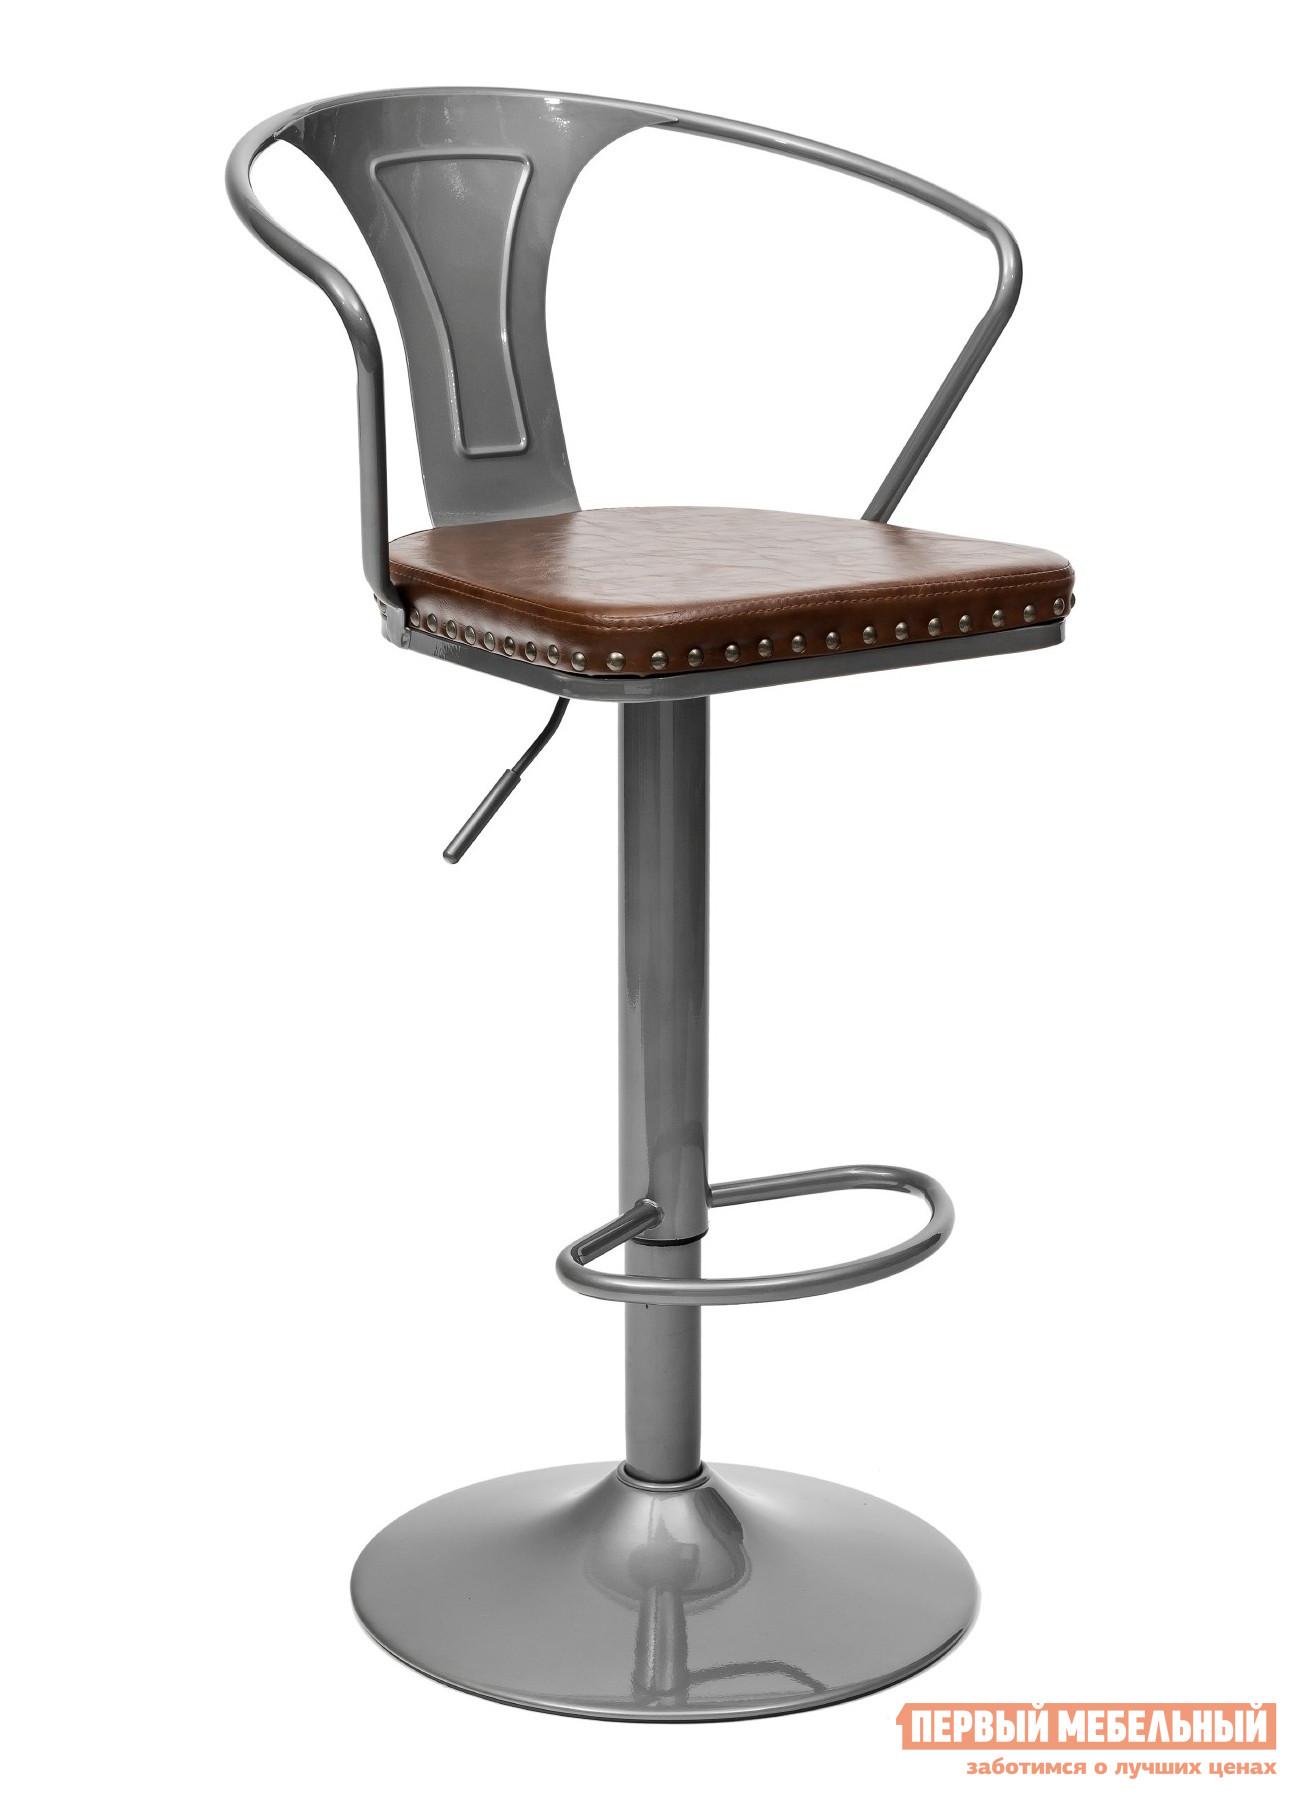 Барный стул с регулируемой высотой Stool Group TOLIX ARMS SOFT F2535L gramercy стул барный lark counter stool page 3